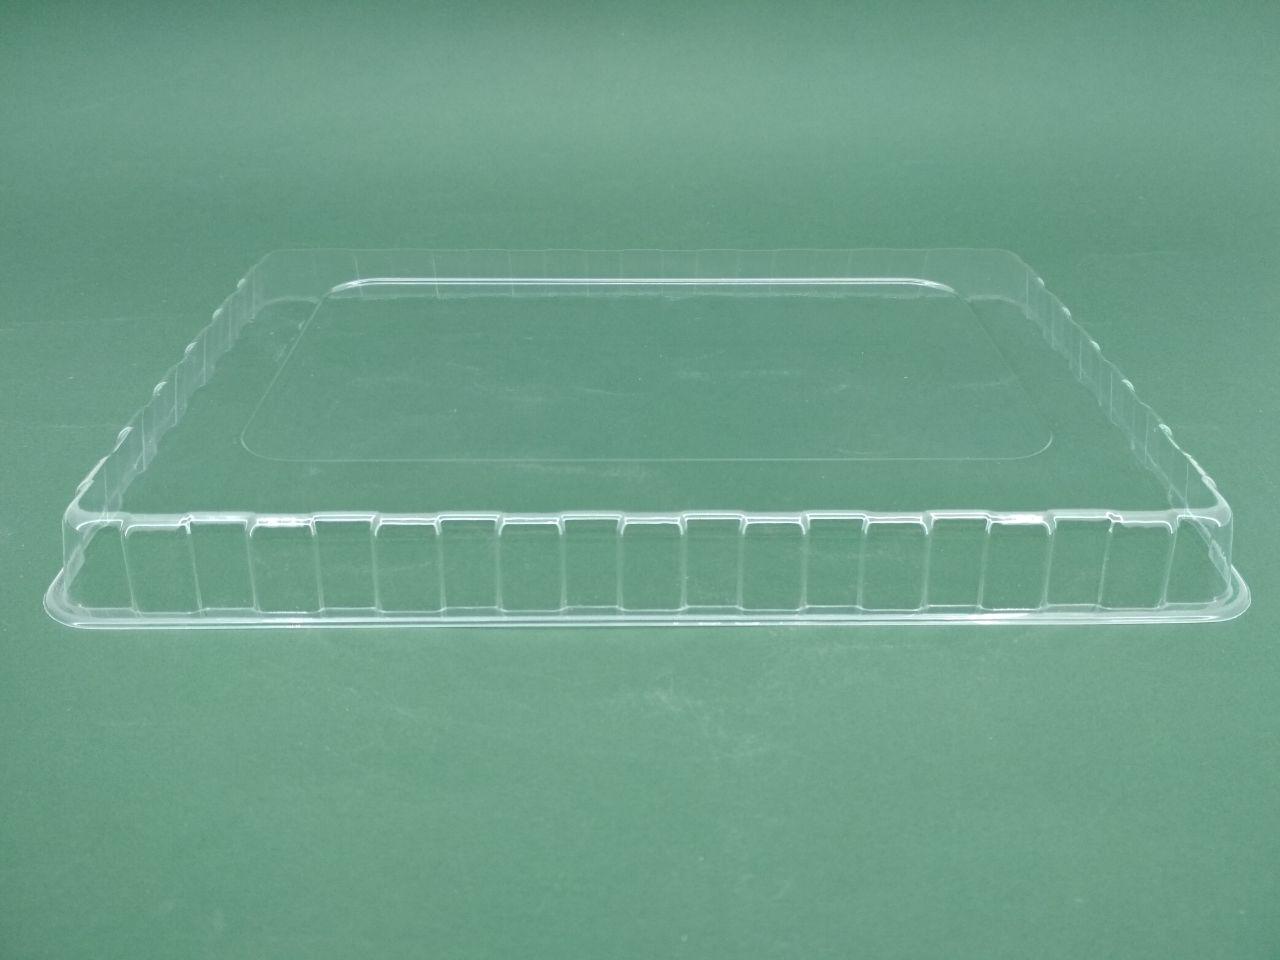 Крышка пластиковая ПС-61, под контейнер для суши ПС-61ДЧ/ 61ДБ/ 61ДЧД, 50 шт/пач